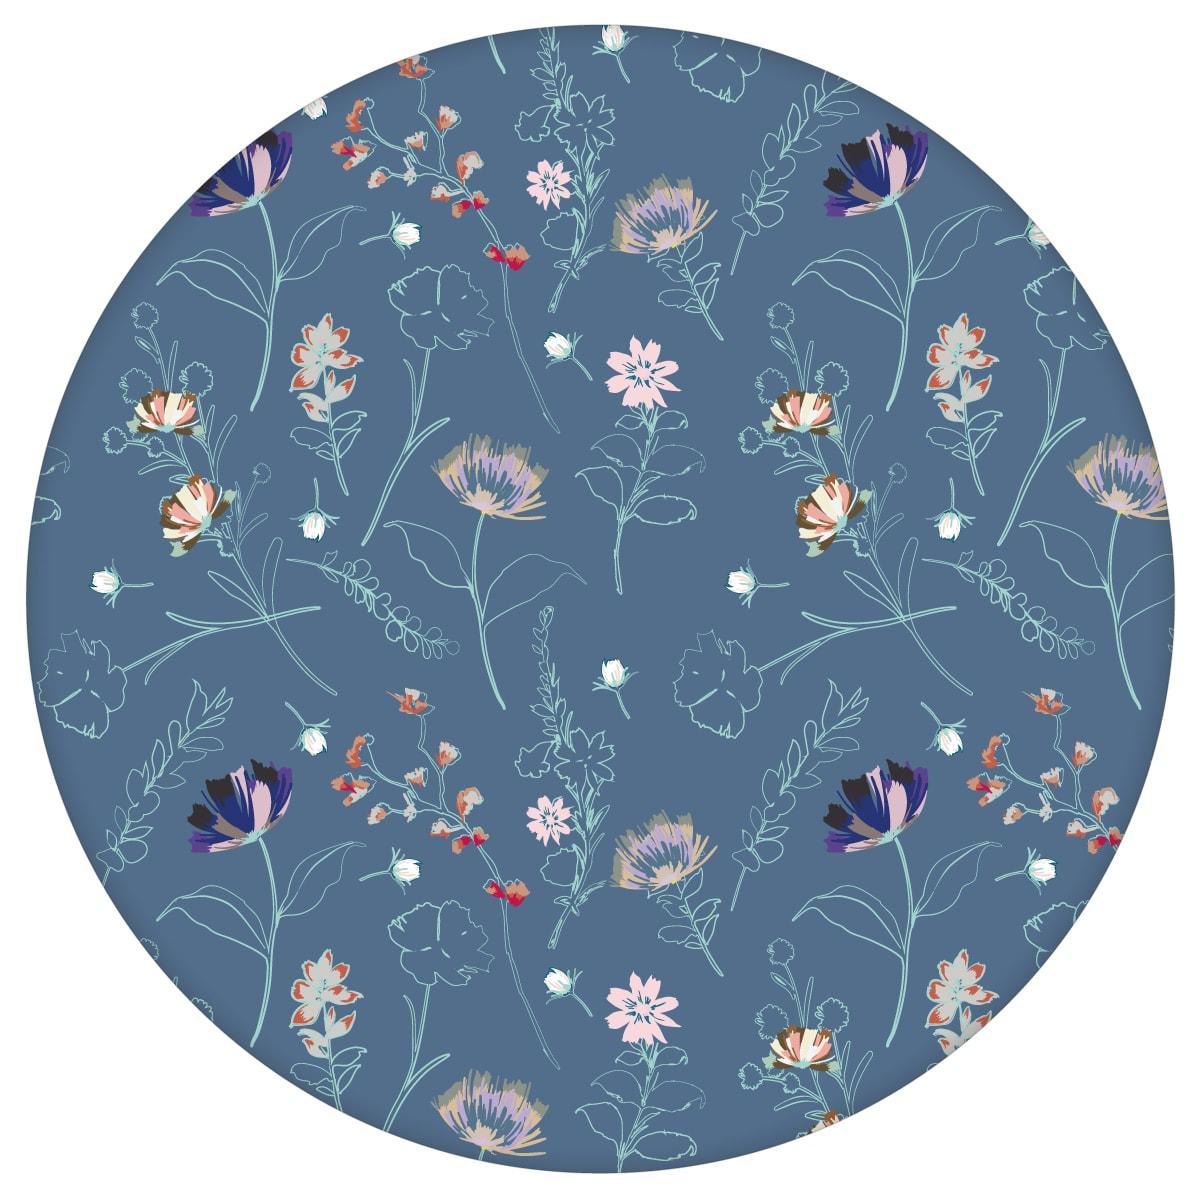 Blumentapete Spring in the air für Frühlings Gefühle in blau - Design Tapete für Wohnzimmeraus dem GMM-BERLIN.com Sortiment: blaue Tapete zur Raumgestaltung: #Ambiente #Blaue Tapeten #blueten #garten #interior #interiordesign #Natur #Wiesenblumen #wohnzimmerBlumen für individuelles Interiordesign